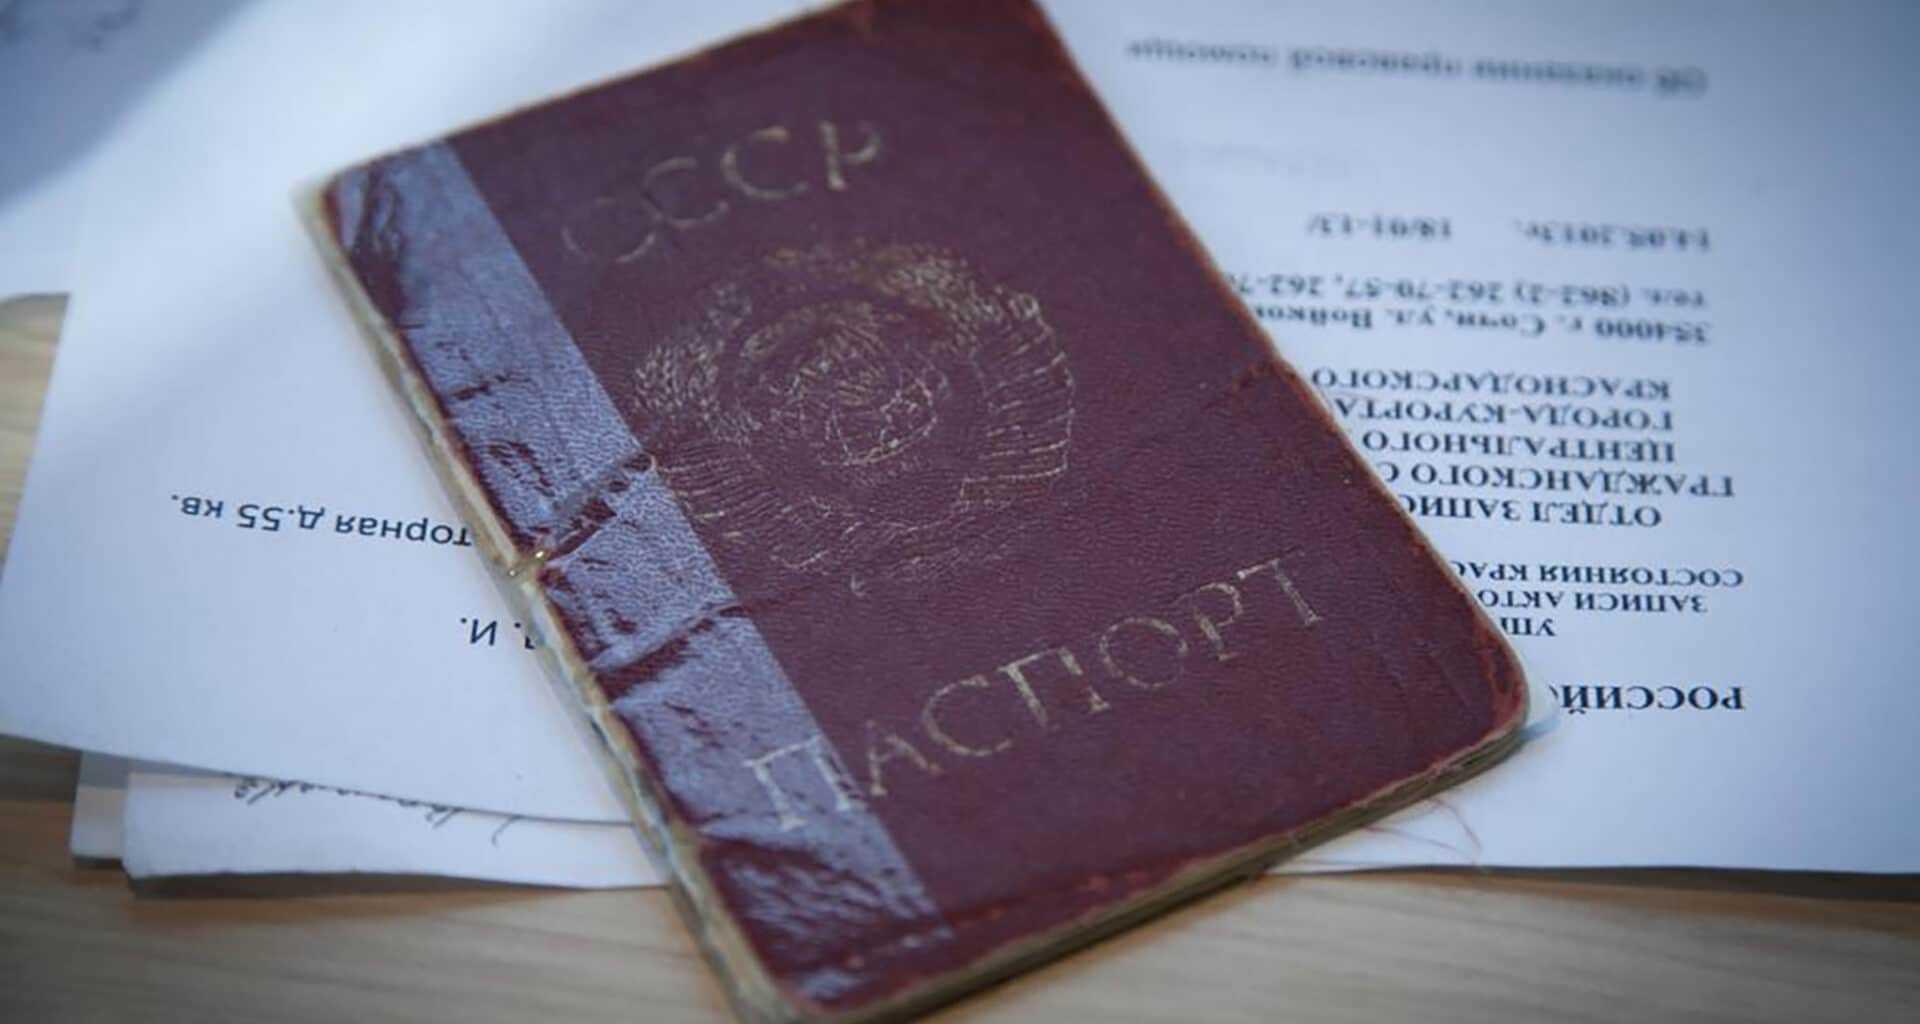 удостоверения личности для лиц без гражданства